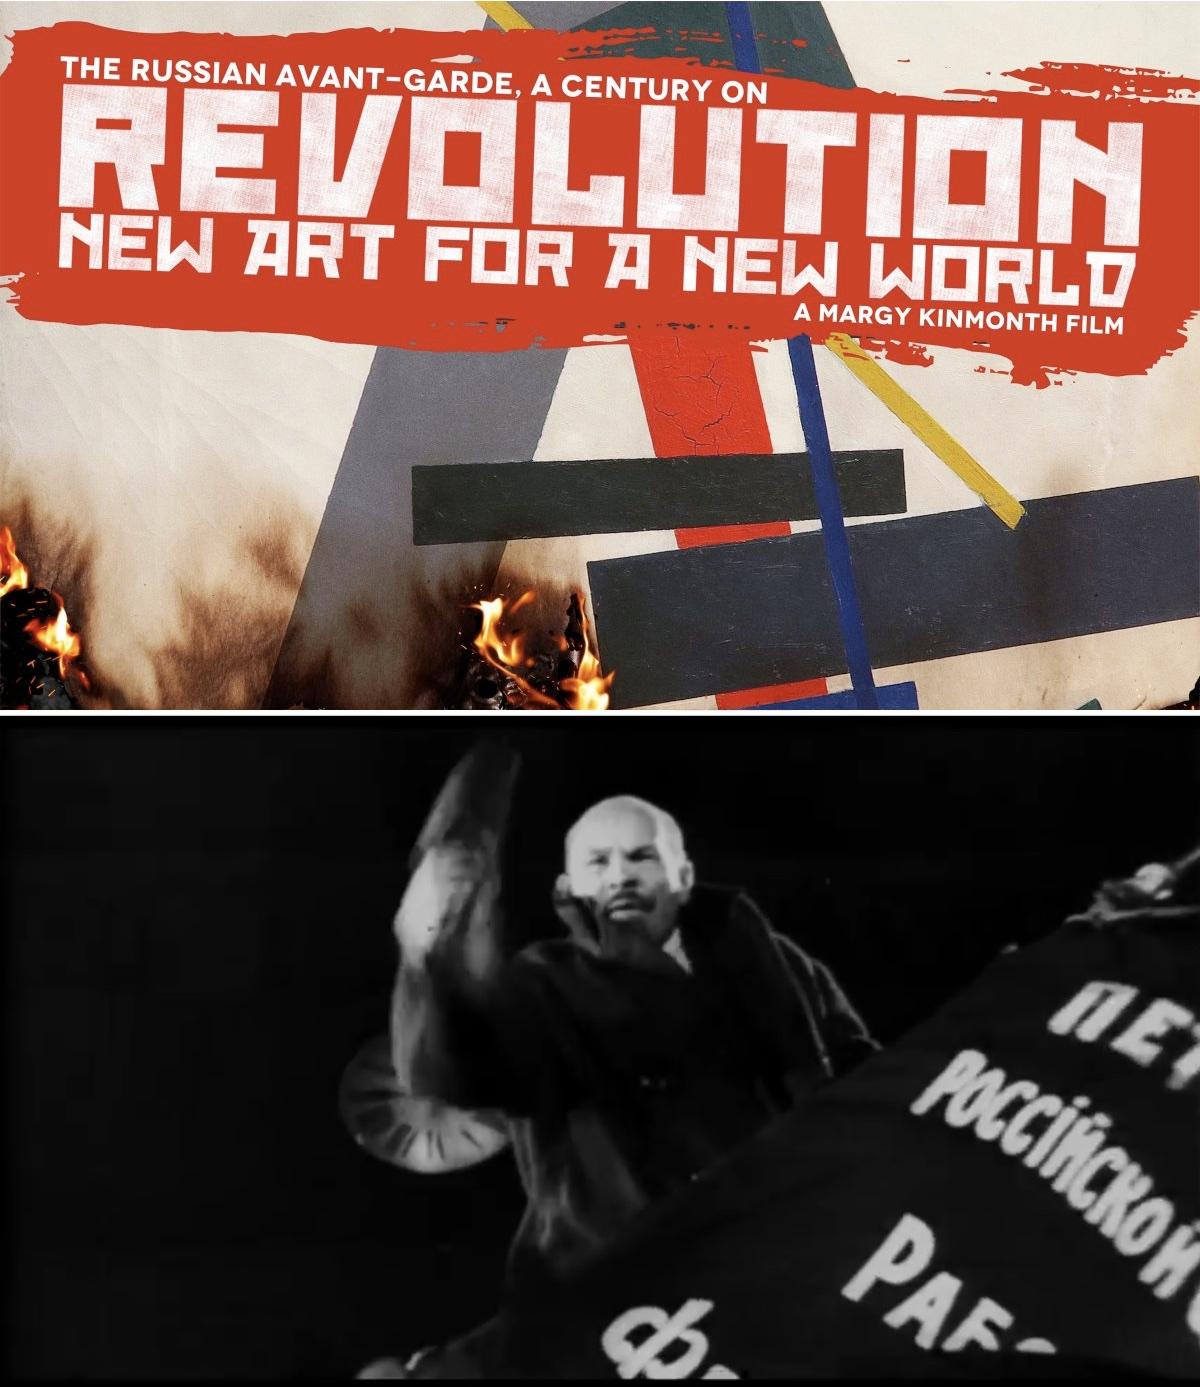 Revolution-FoxtrotFilms.jpg